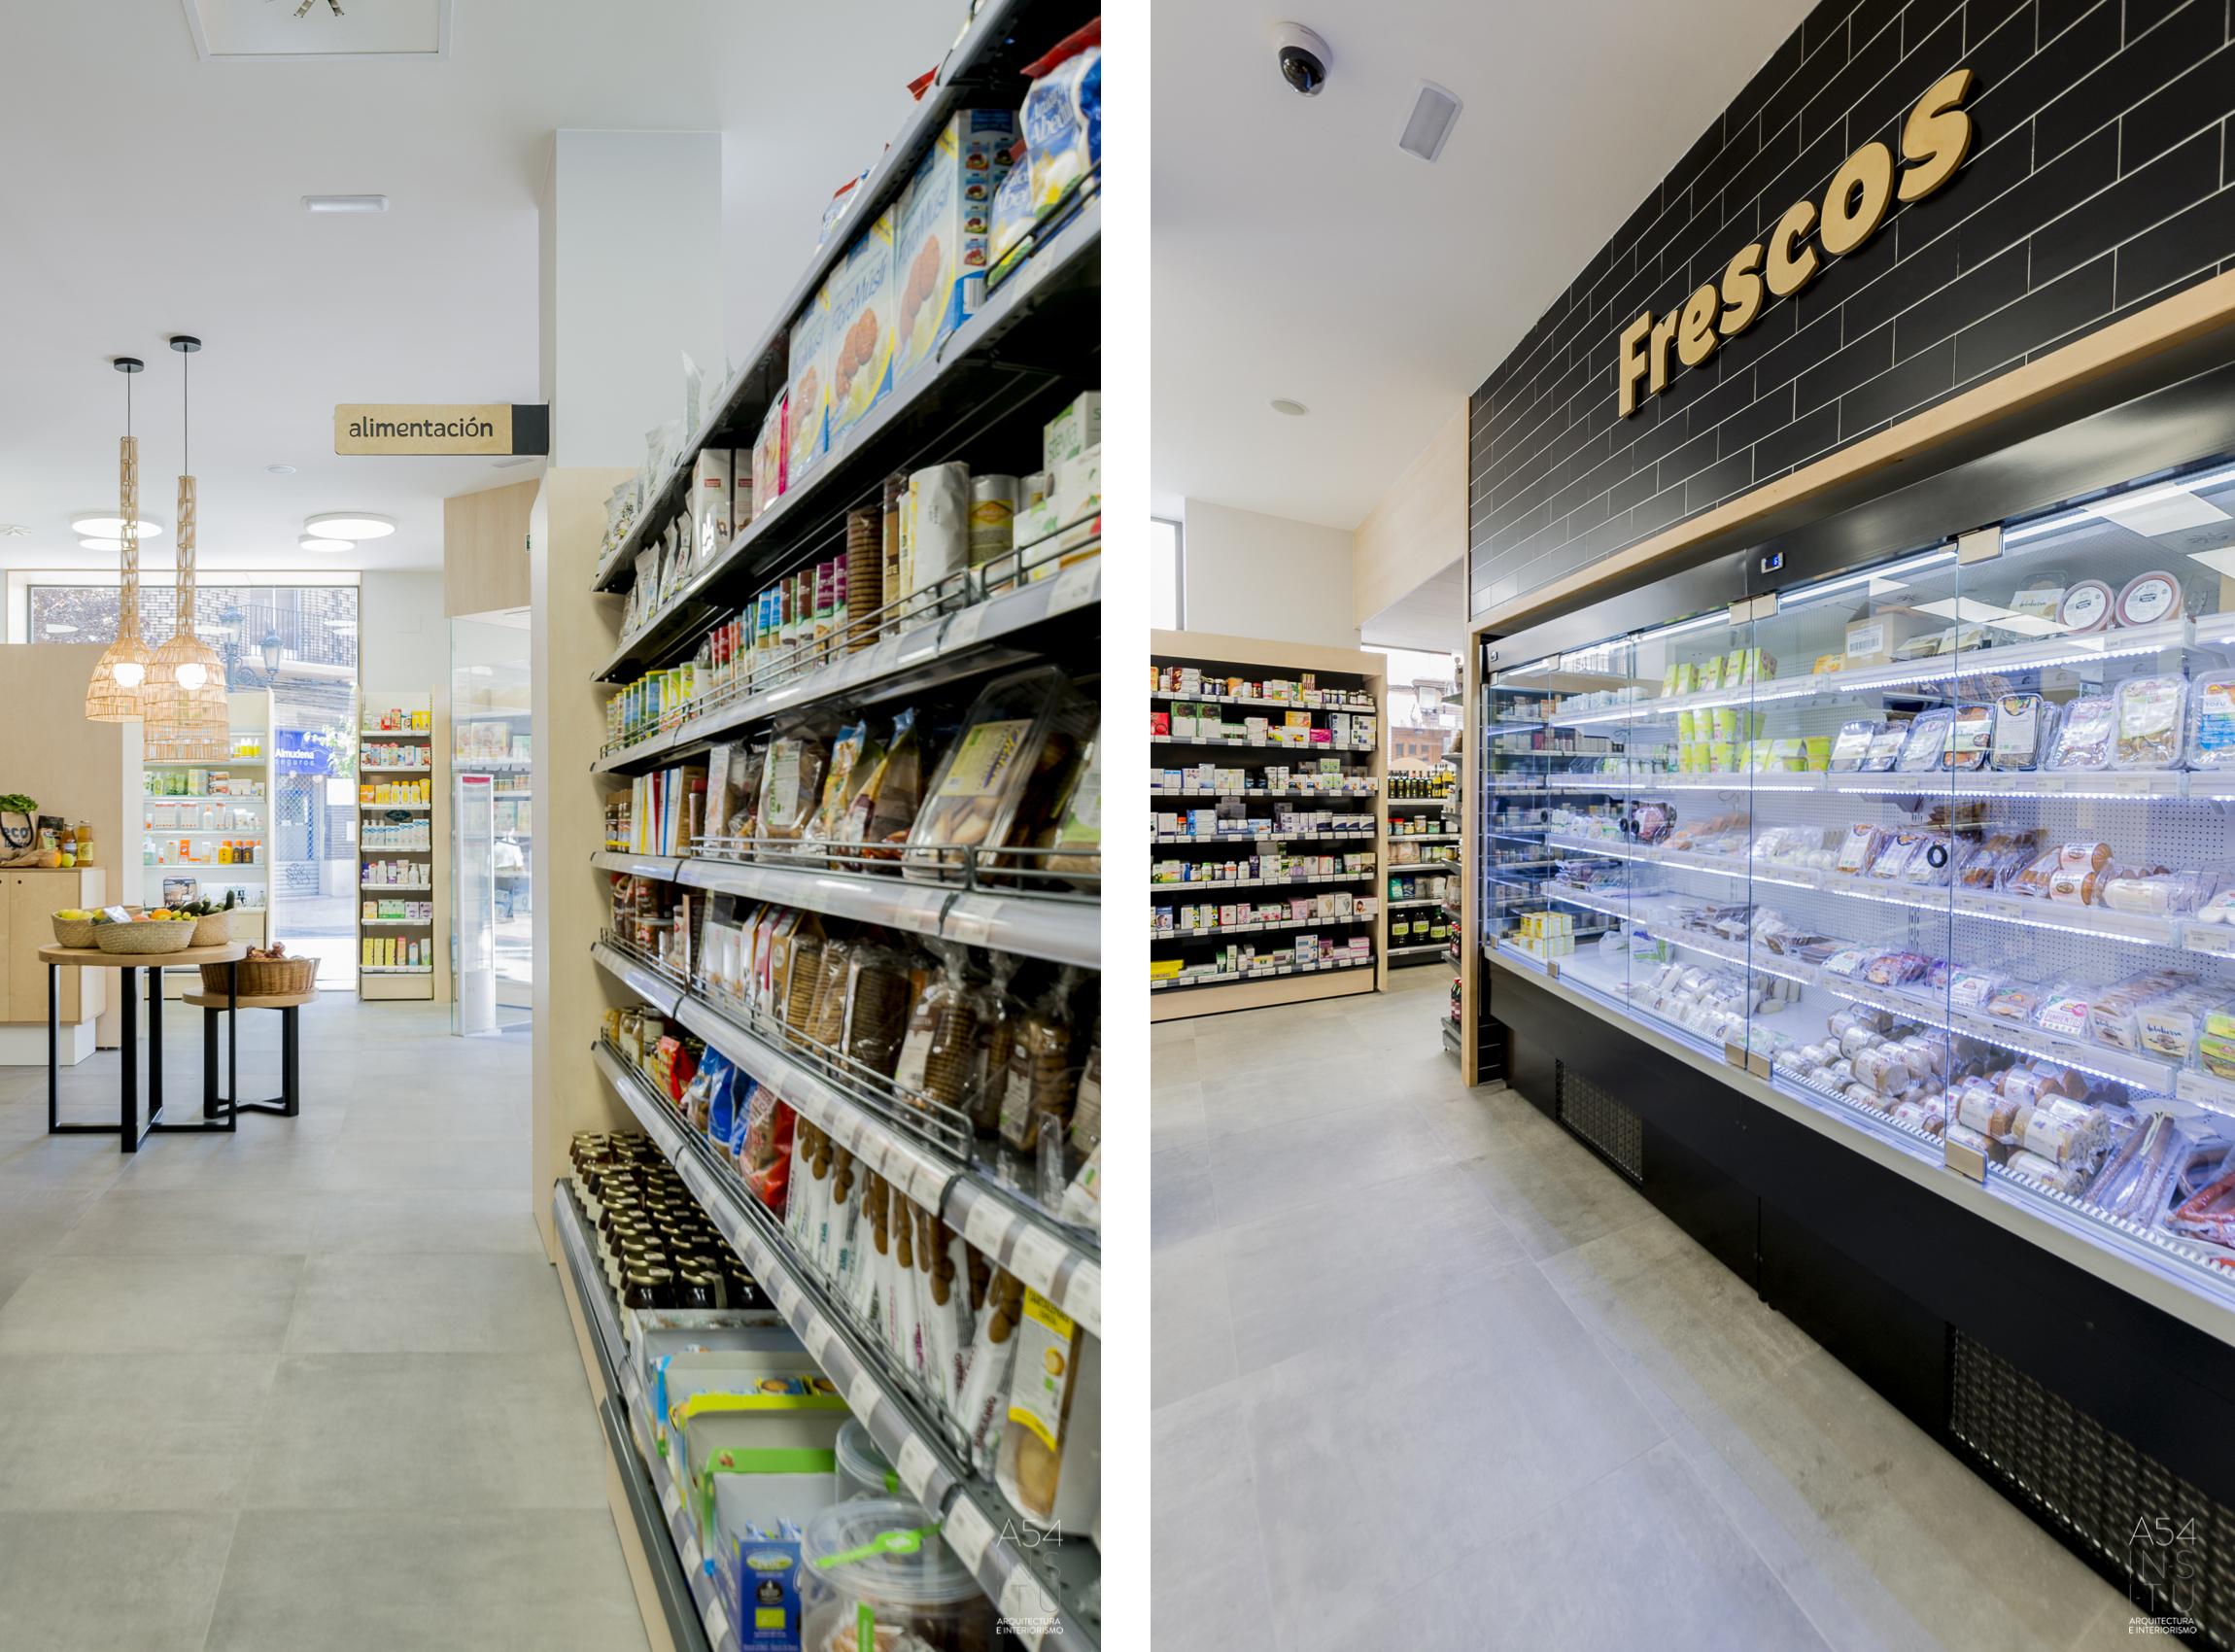 proyecto de reforma interior de un local para comercio ecológico en Zaragoza realizado por el estudio de arquitectura diseño e interiorismo A54insitu ubicado en Las Armas Zaragoza